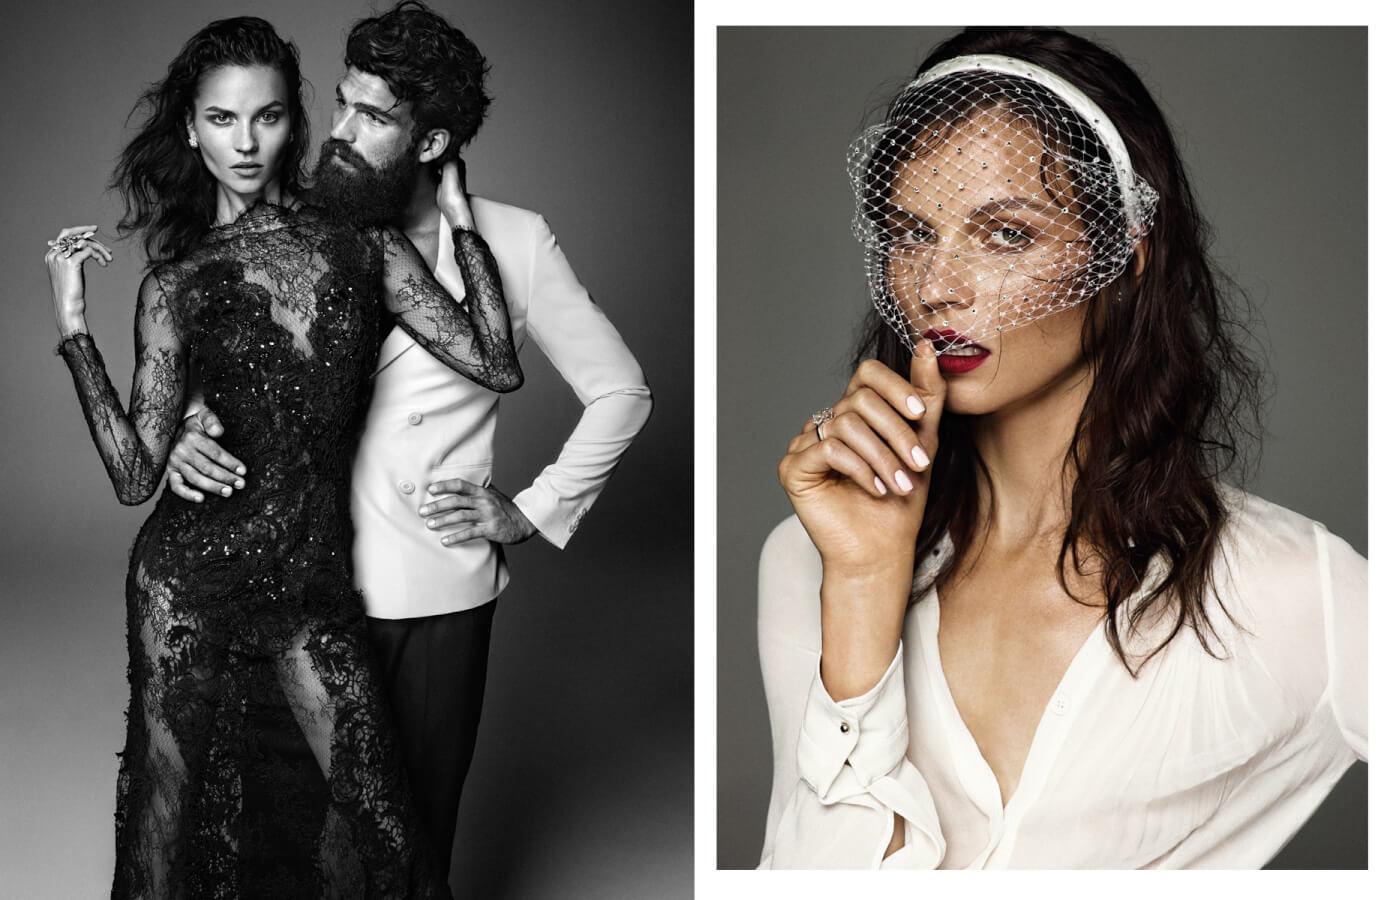 03_Alvaro_Beamud_Cortes_Vogue_Spain_Bridal